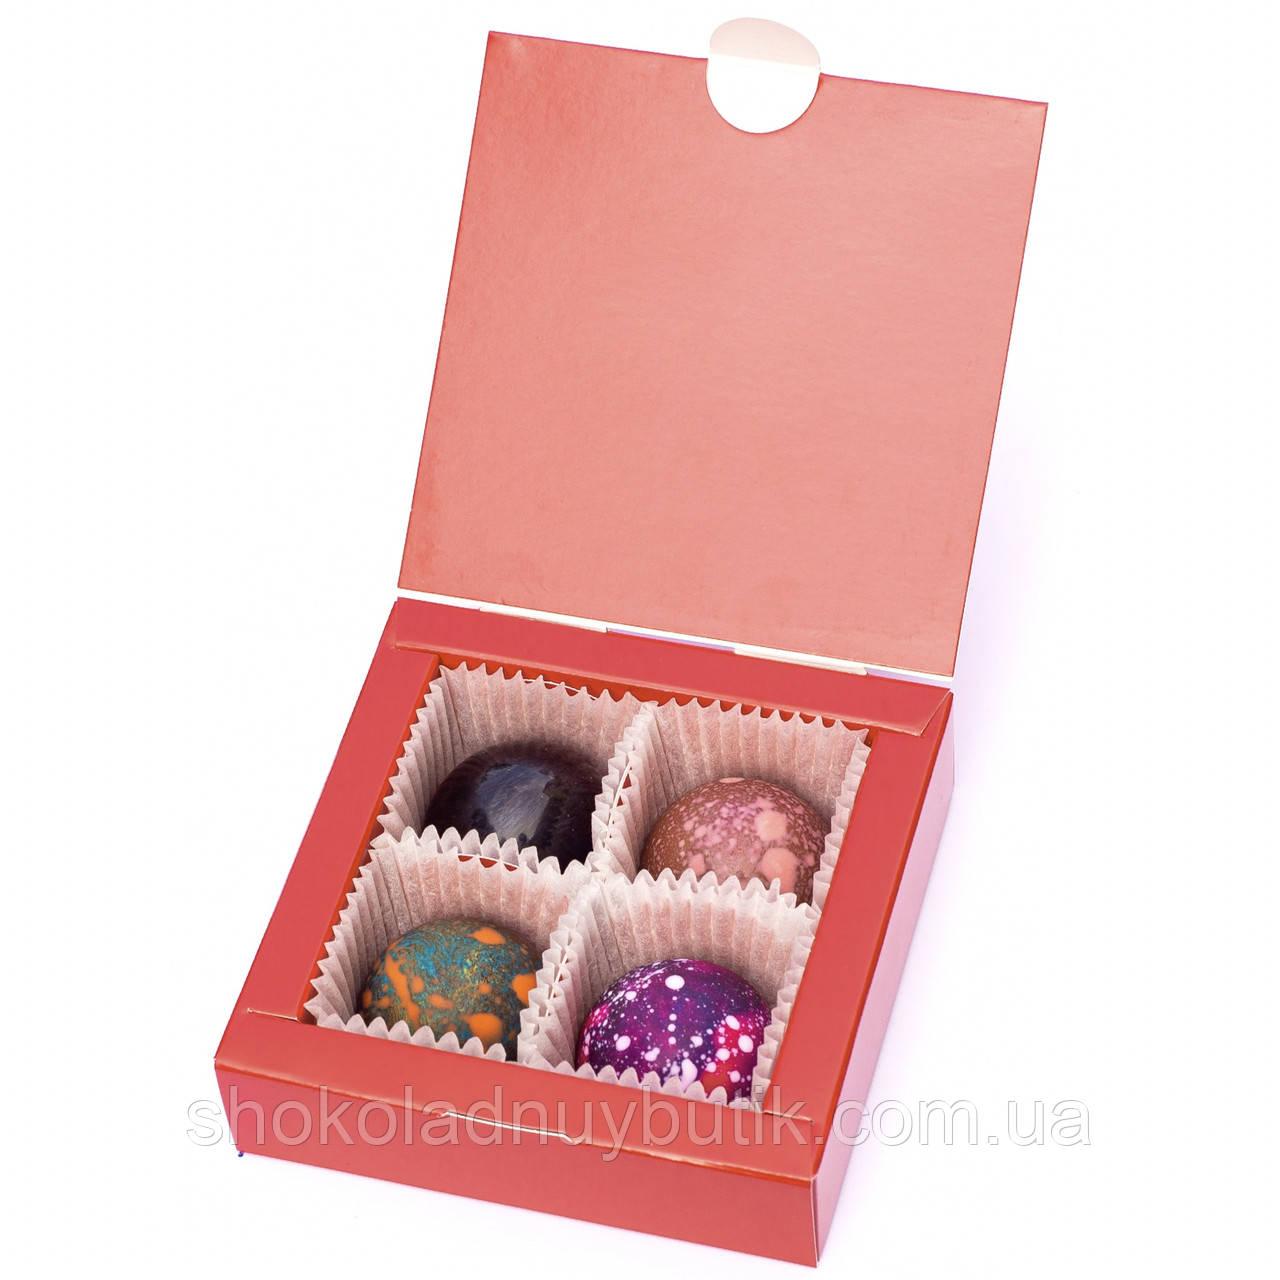 Шоколадные конфеты ручной роботы *Красная коробка на 4шт.*